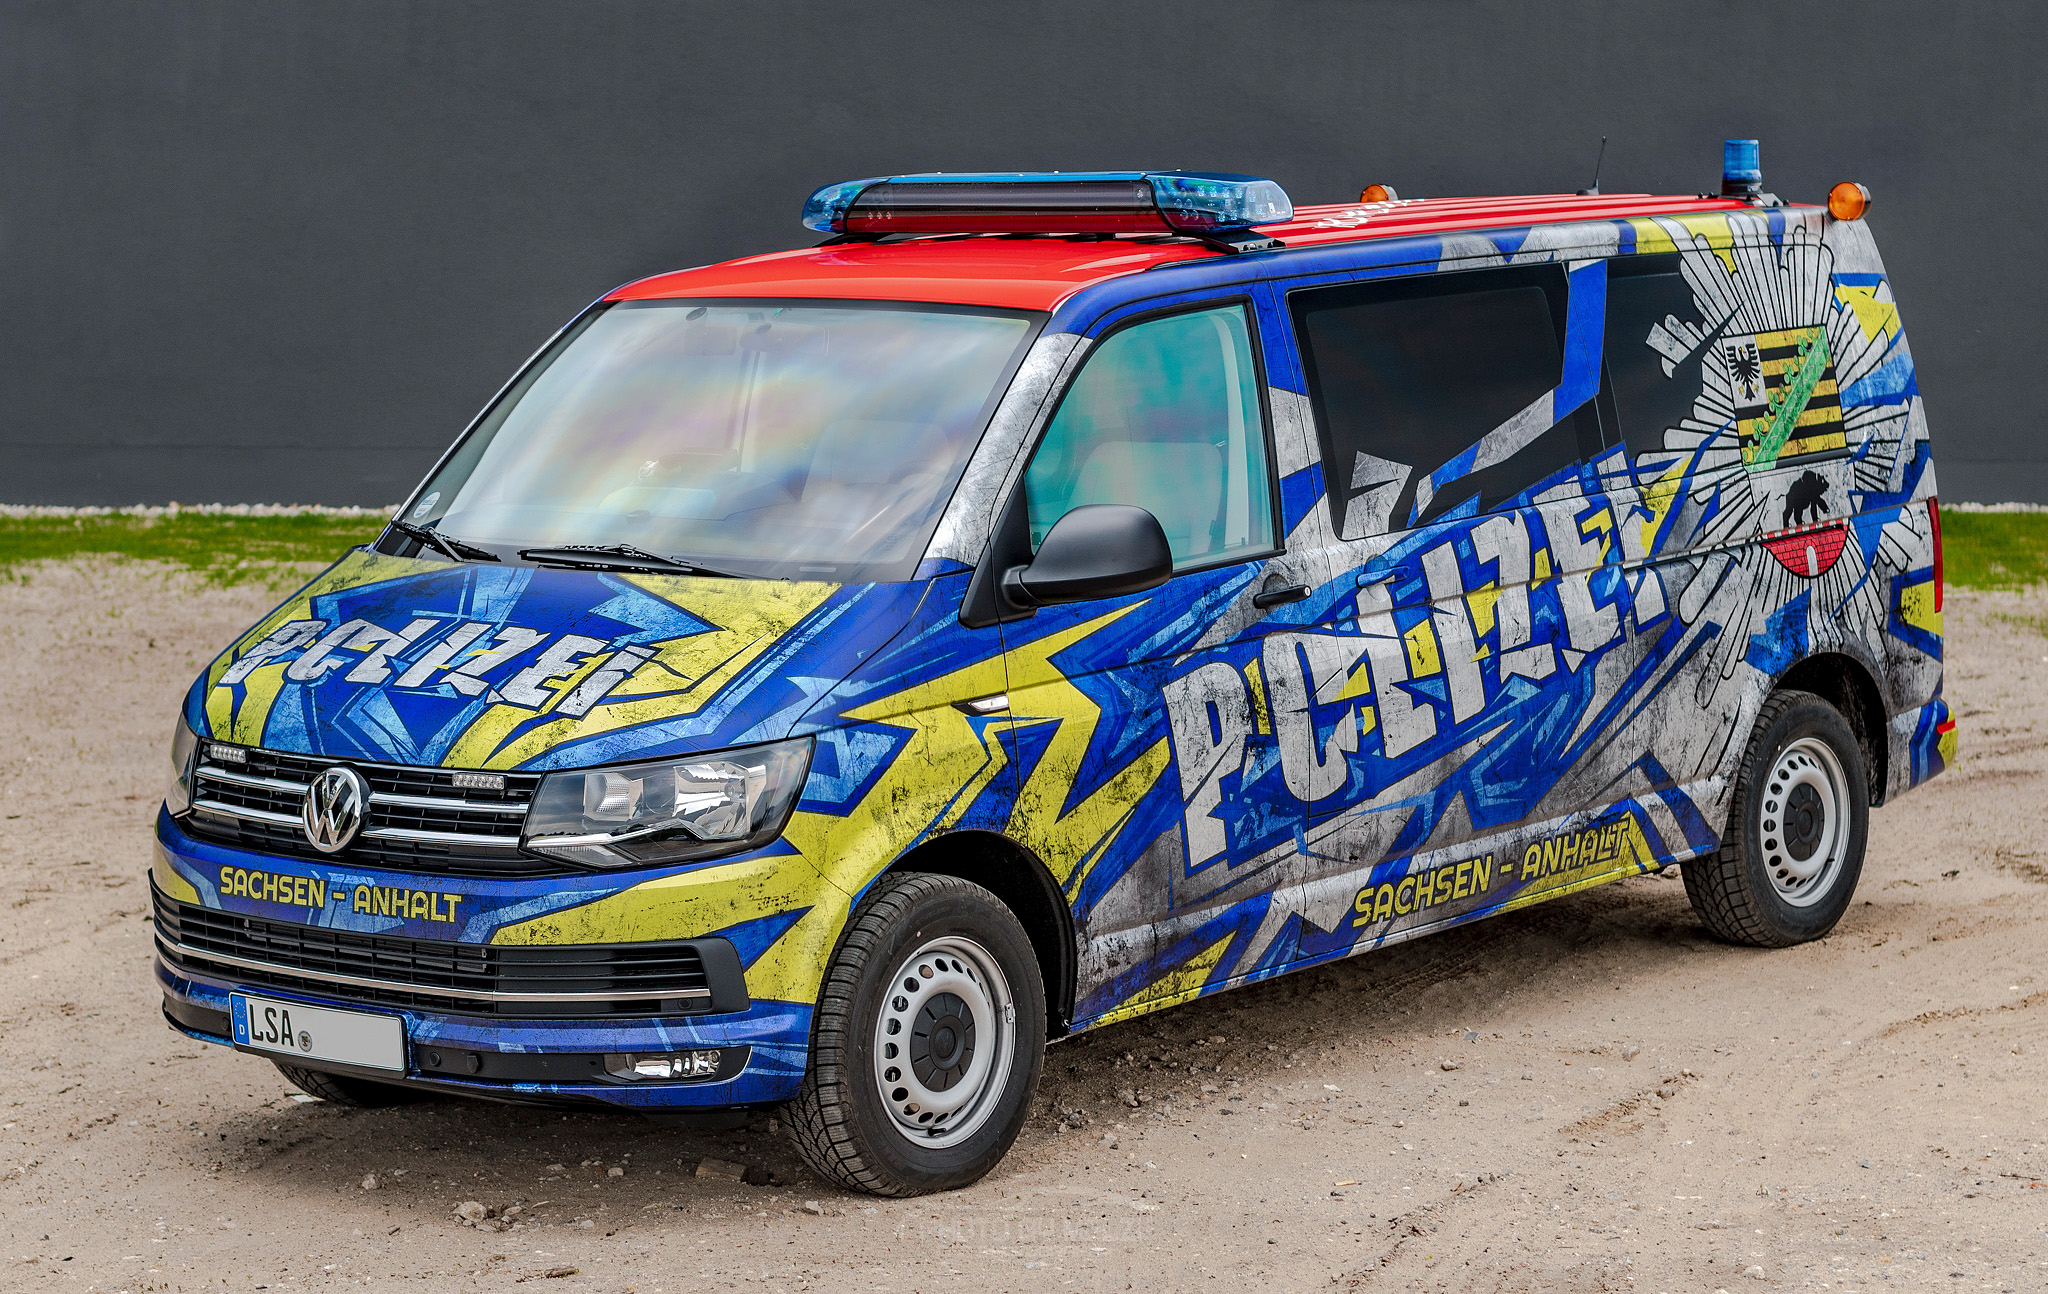 Dirty police van 🚨